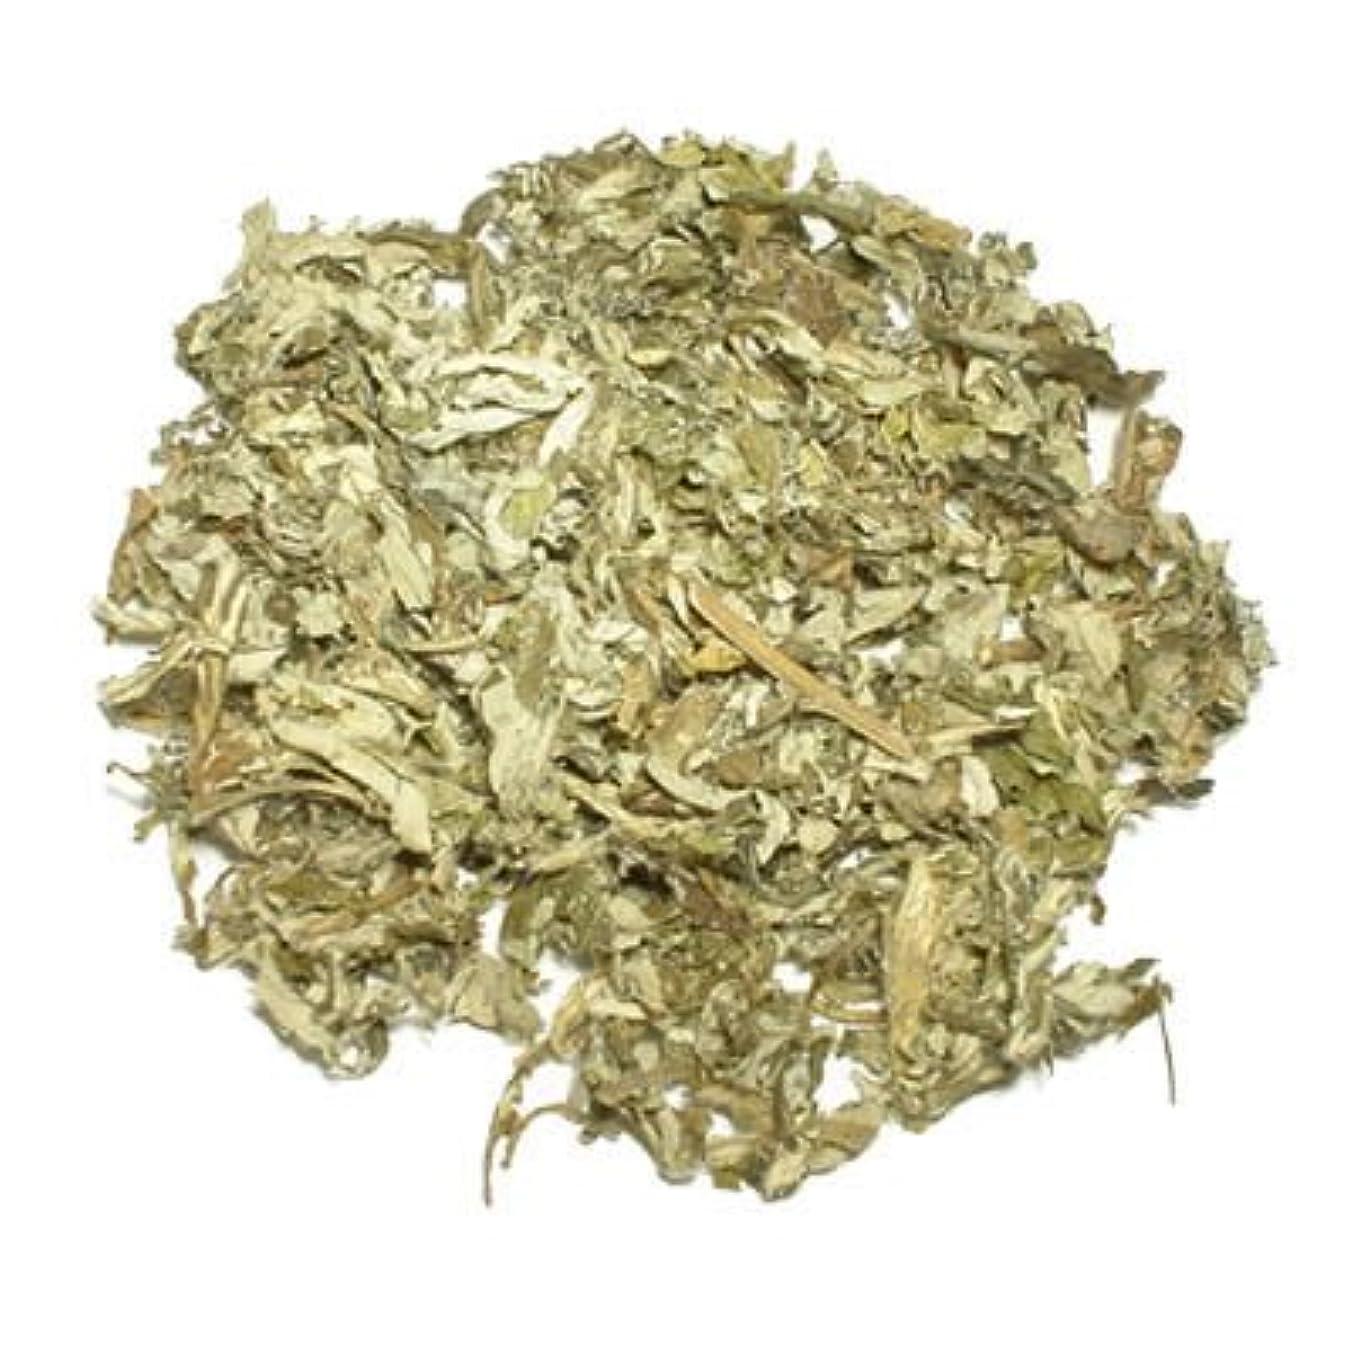 同等の規範車ヨモギ業務用 500g 蓬茶 本場韓国産ヨモギ 葉(地上部 主に葉)100% 乾燥よもぎ茶 よもぎ風呂 ヨモギ蒸し